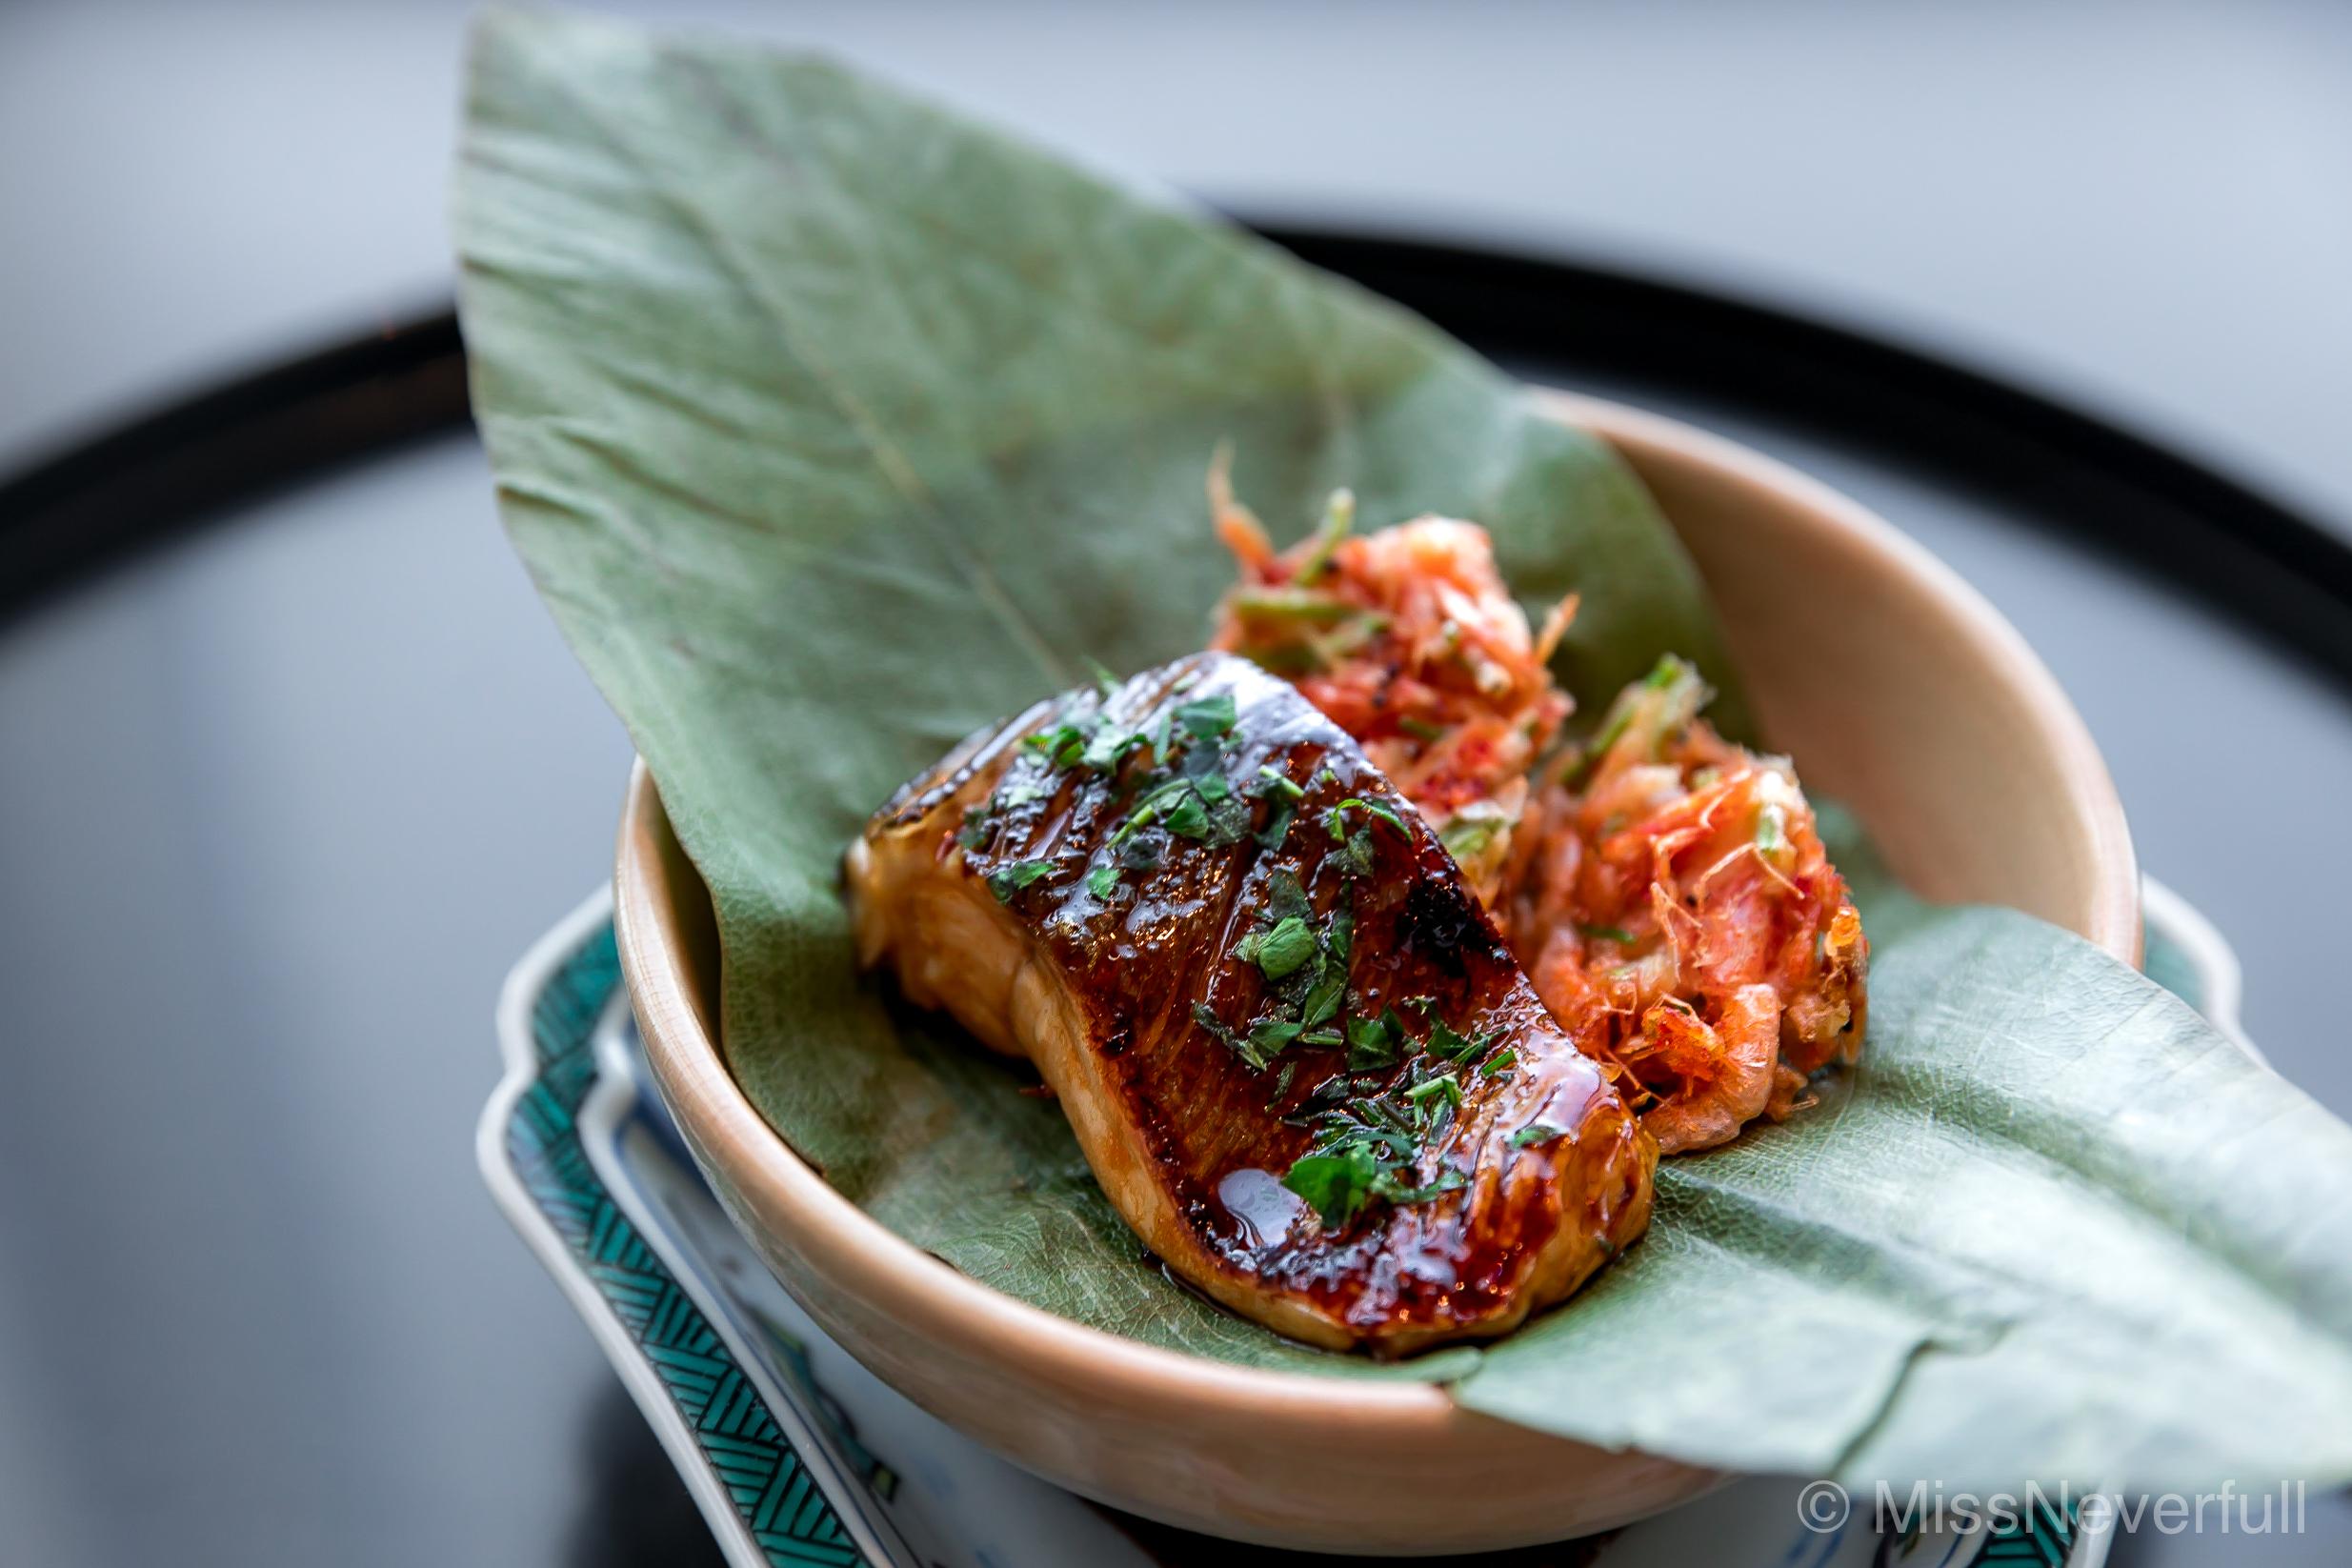 5. 焼き鱒、桜エビの揚げ | Grilled Masu, Deep-fried Sakura ebi